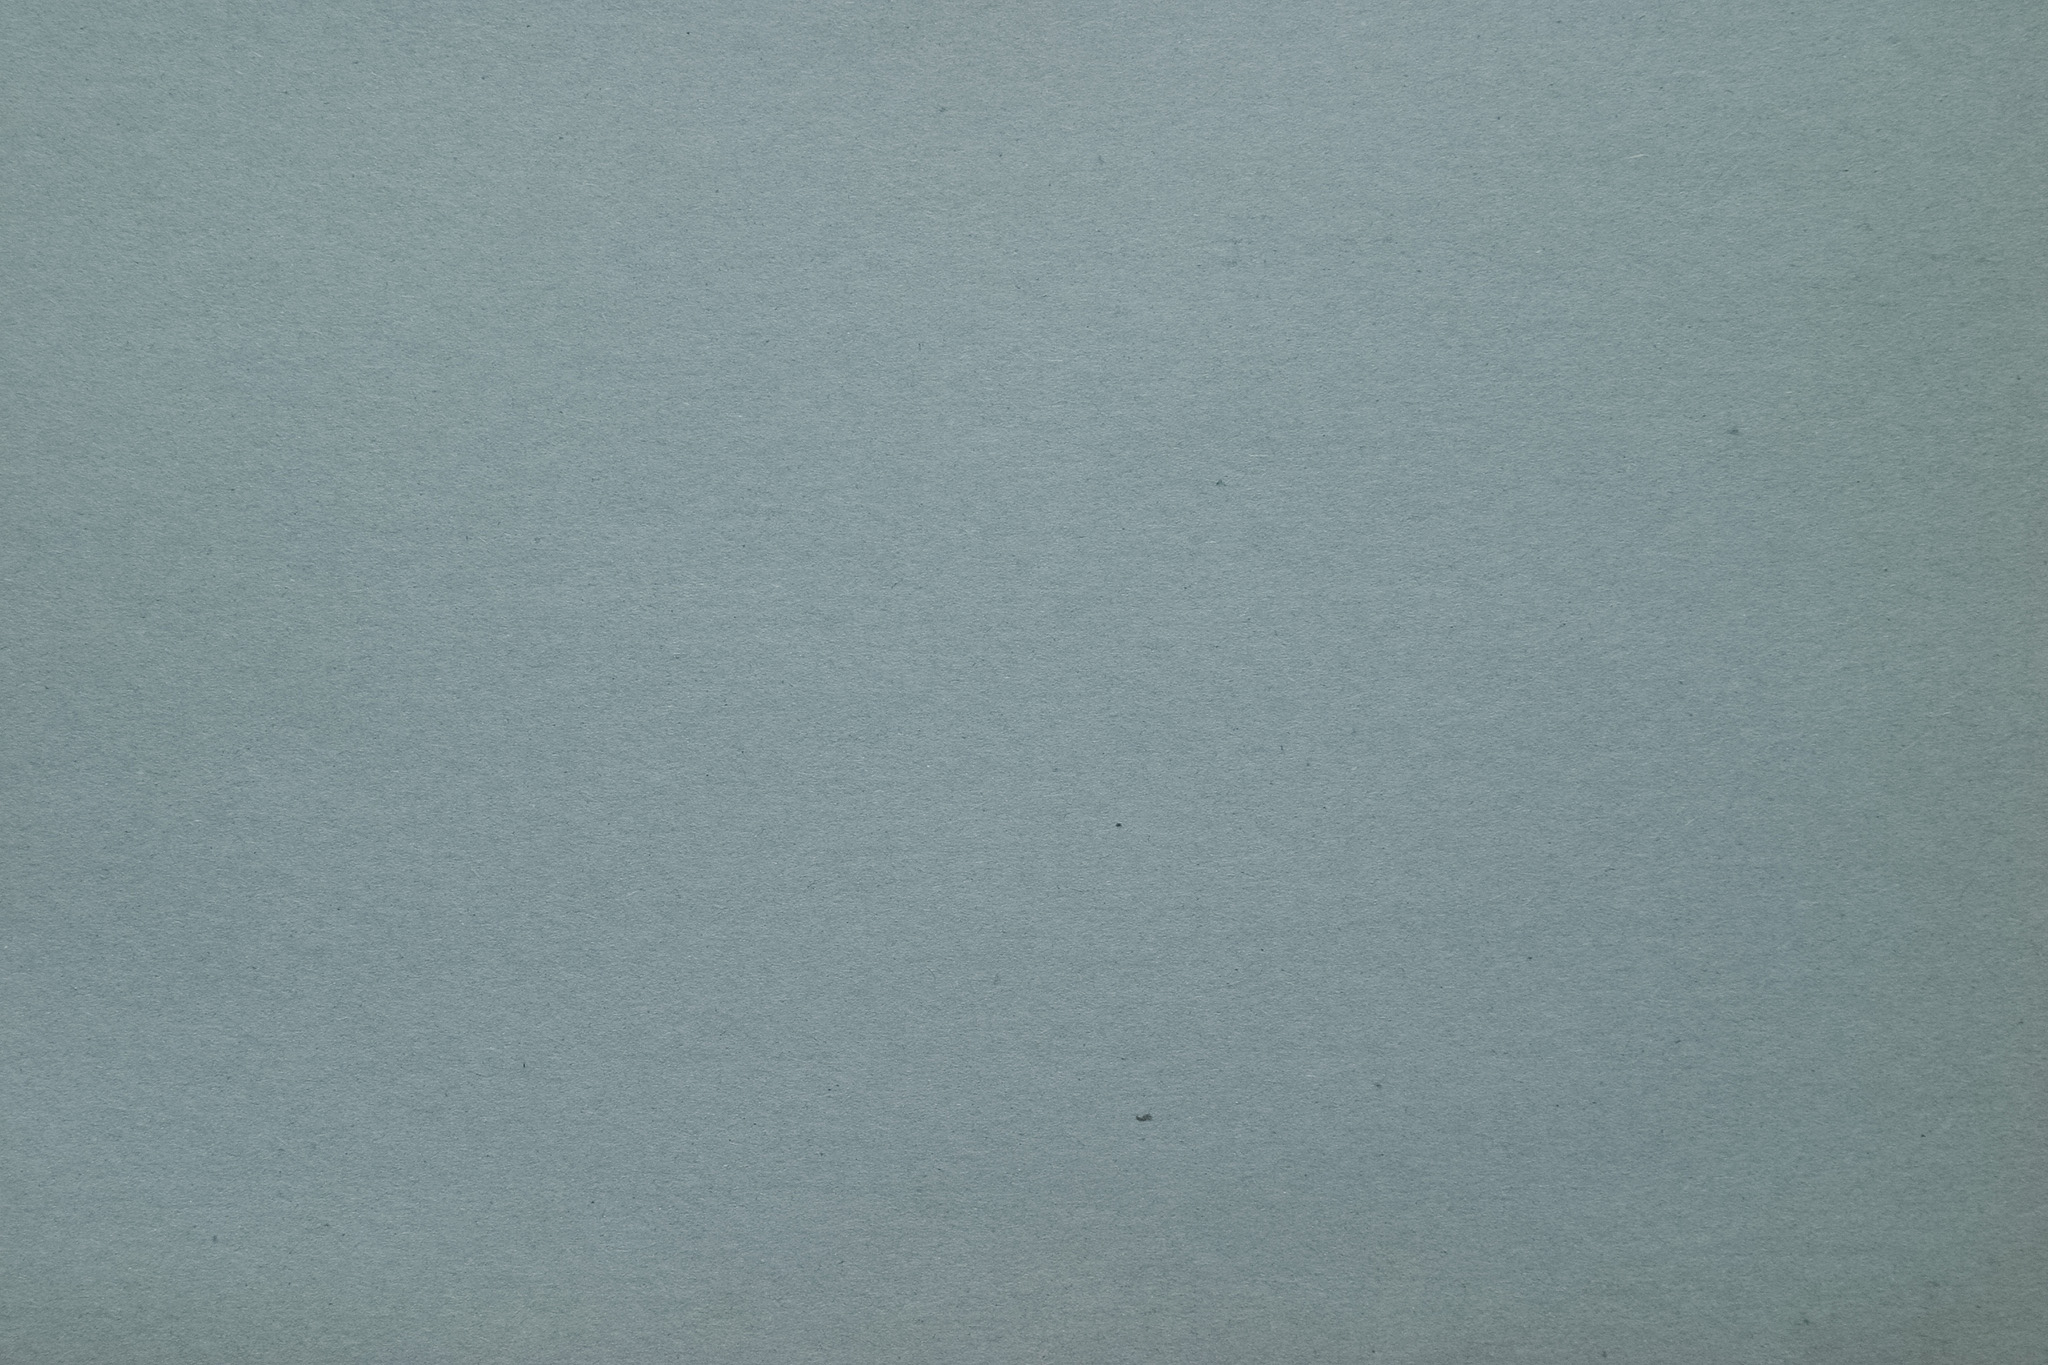 「落ち着いた雰囲気のグレーの紙」の画像を無料ダウンロード